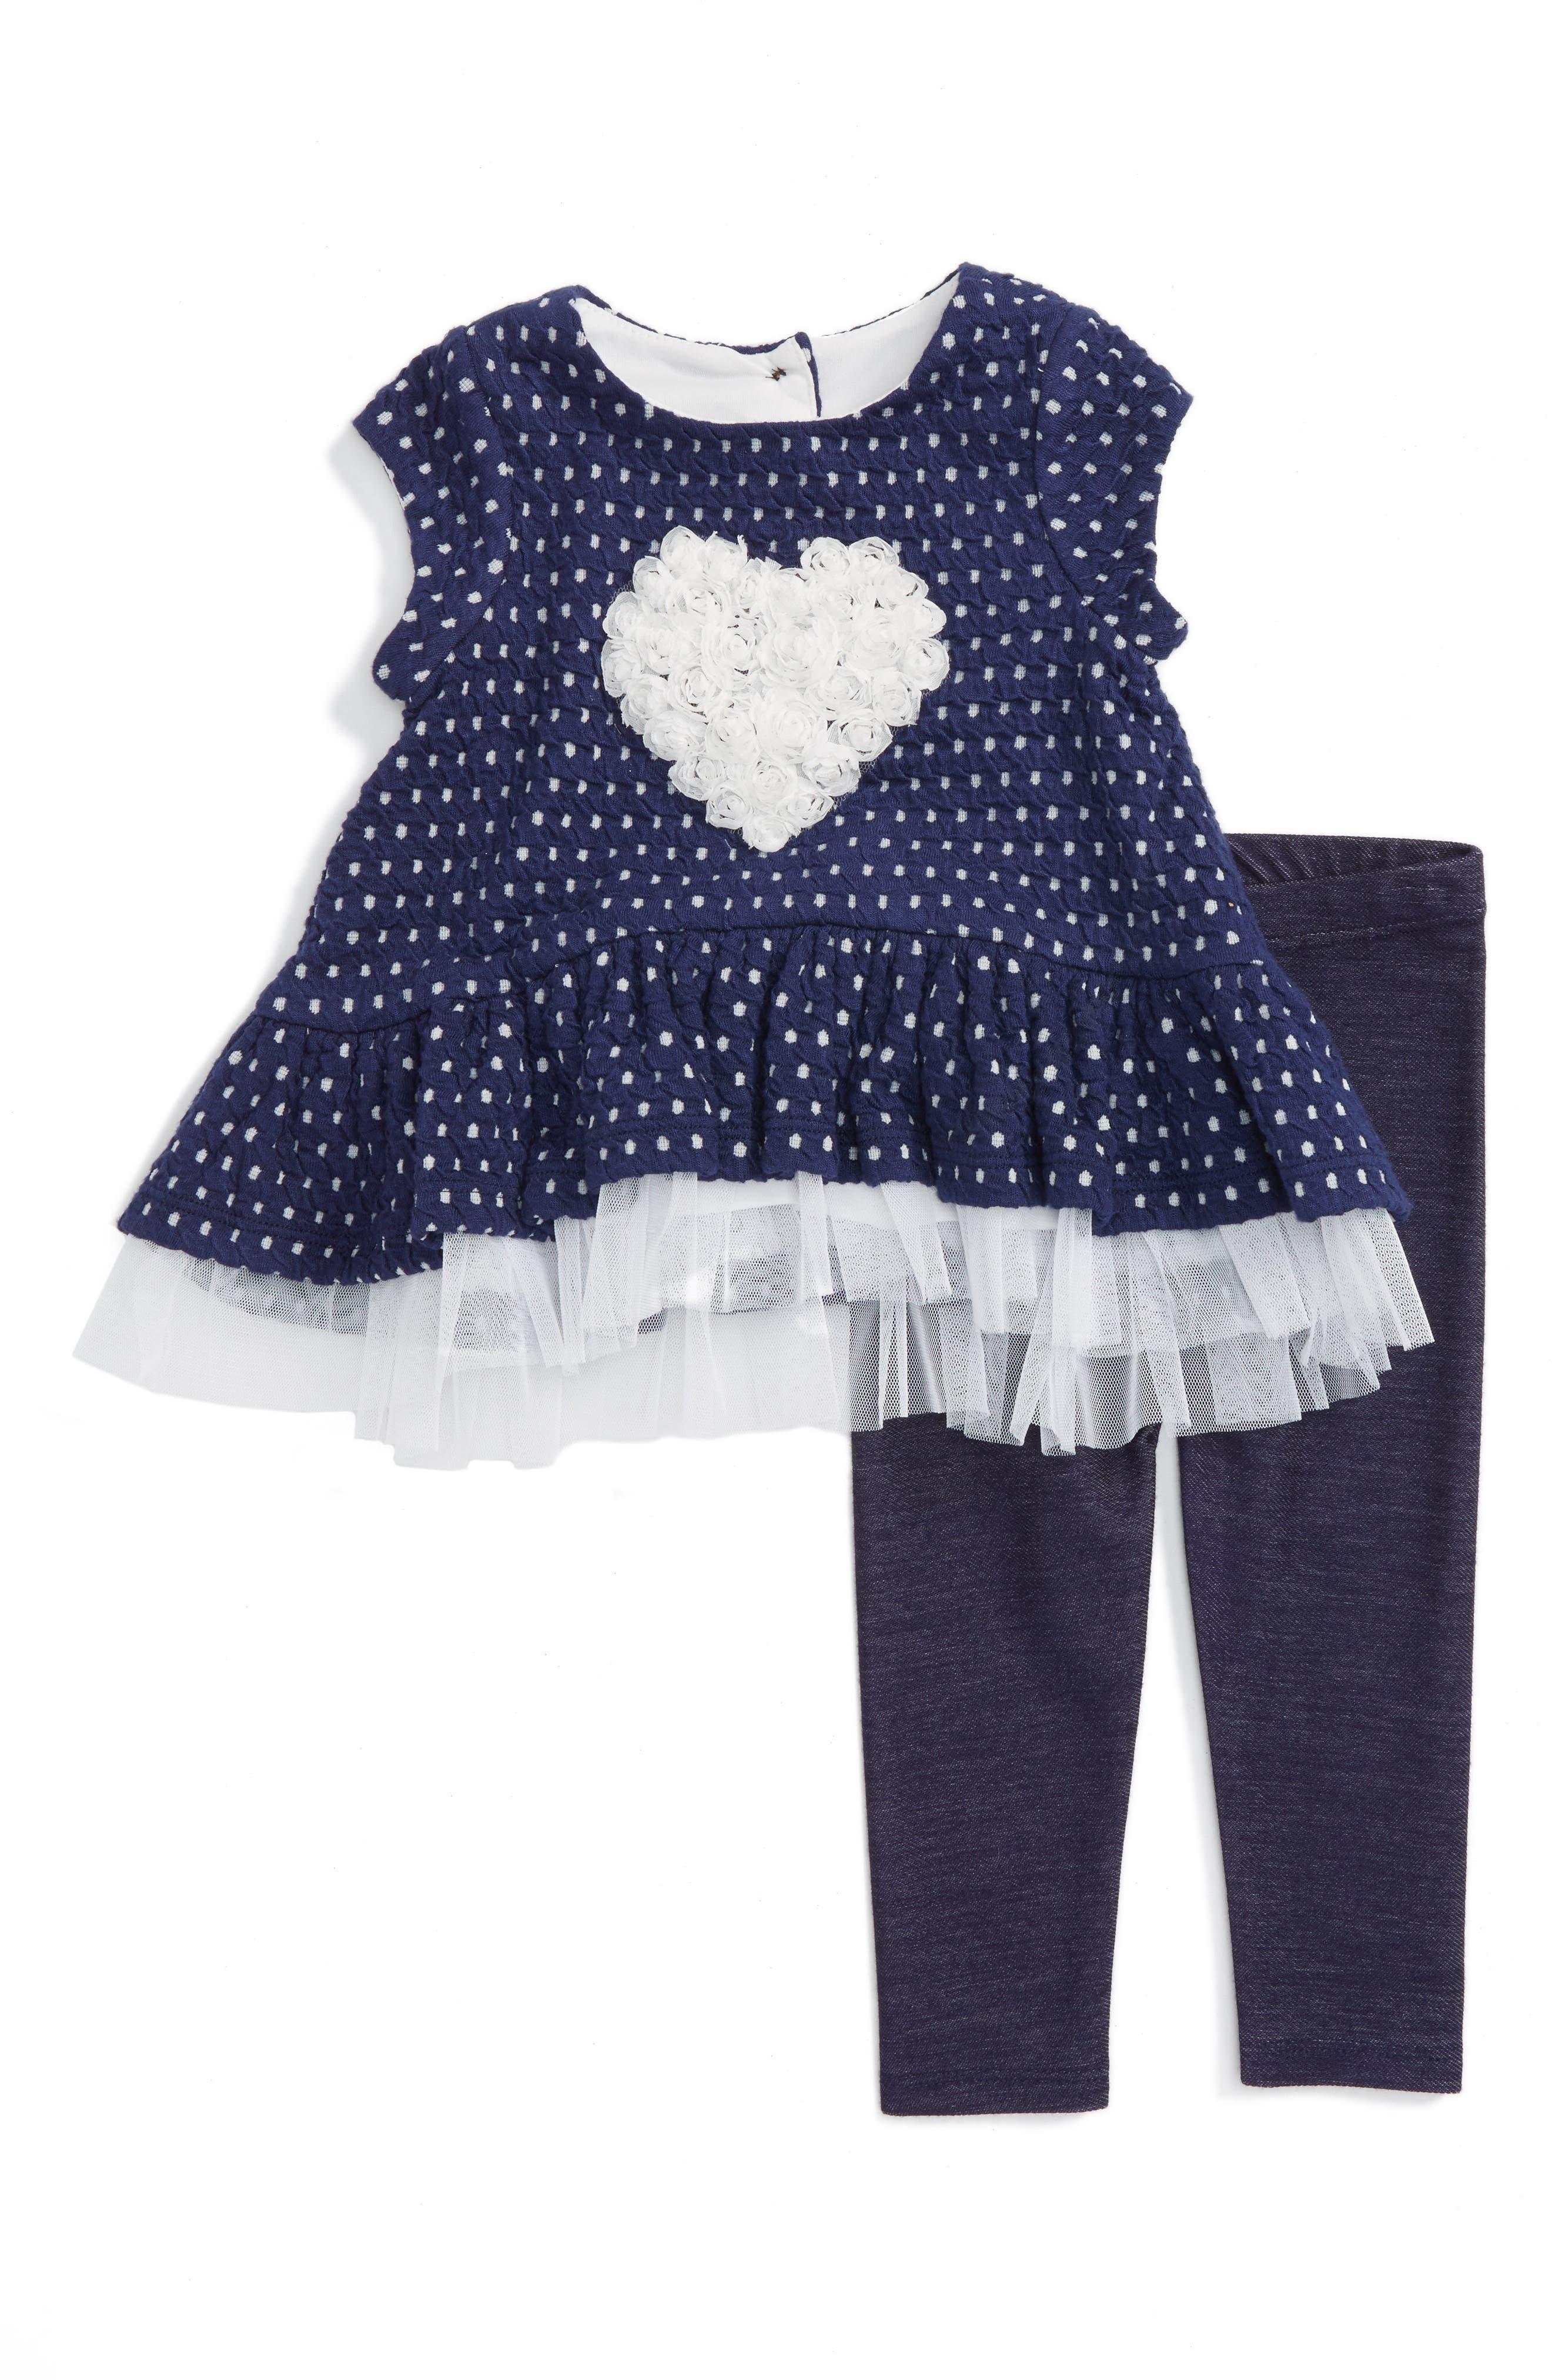 Pippa & Julie Heart Tunic & Leggings (Toddler Girls & Little Girls)